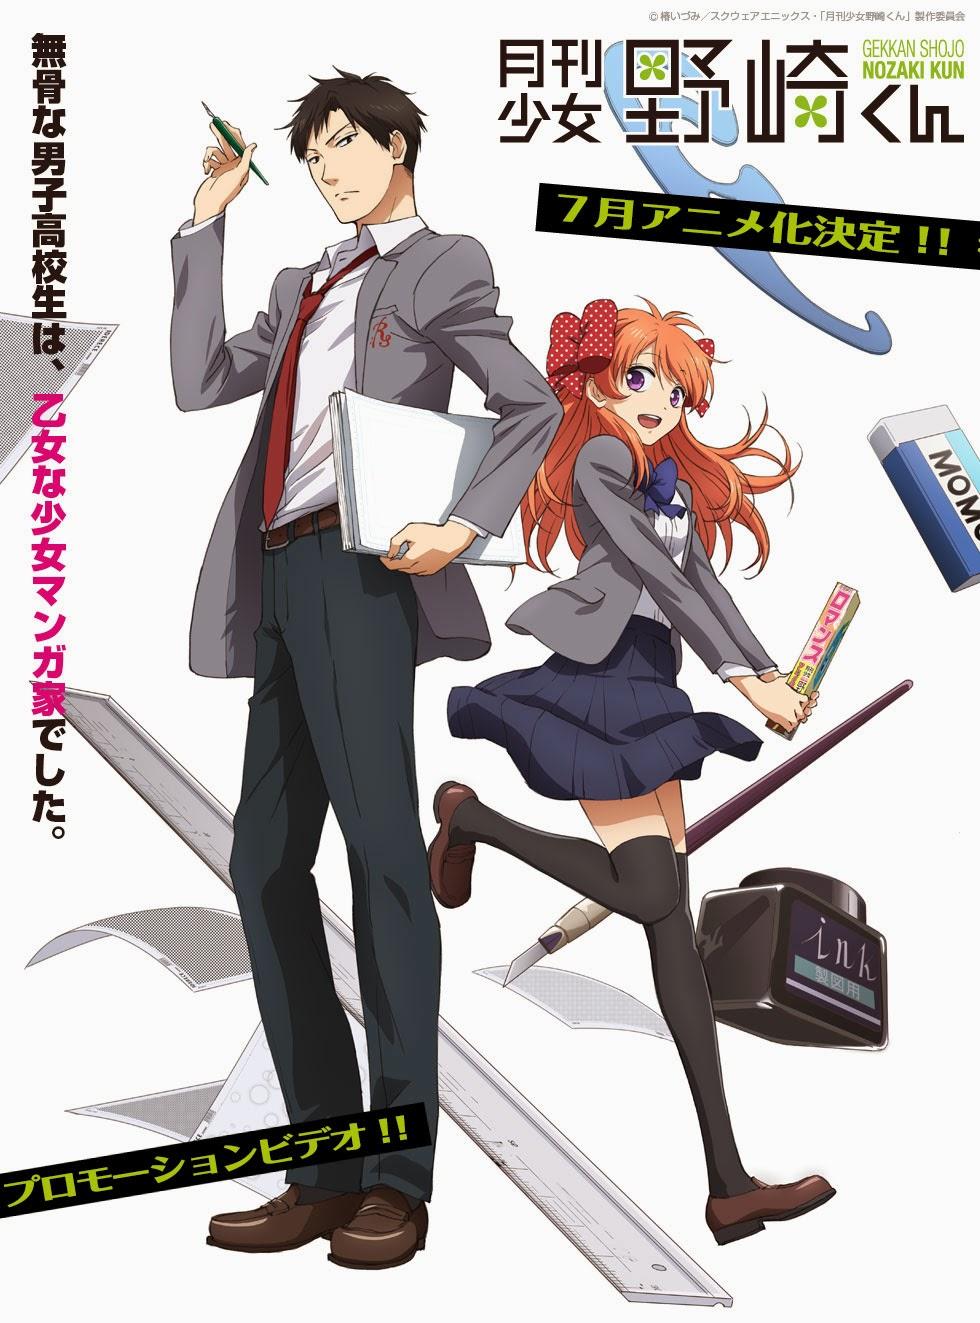 Gekkan Shoujo Nozaki-kun Special 01 PL HD